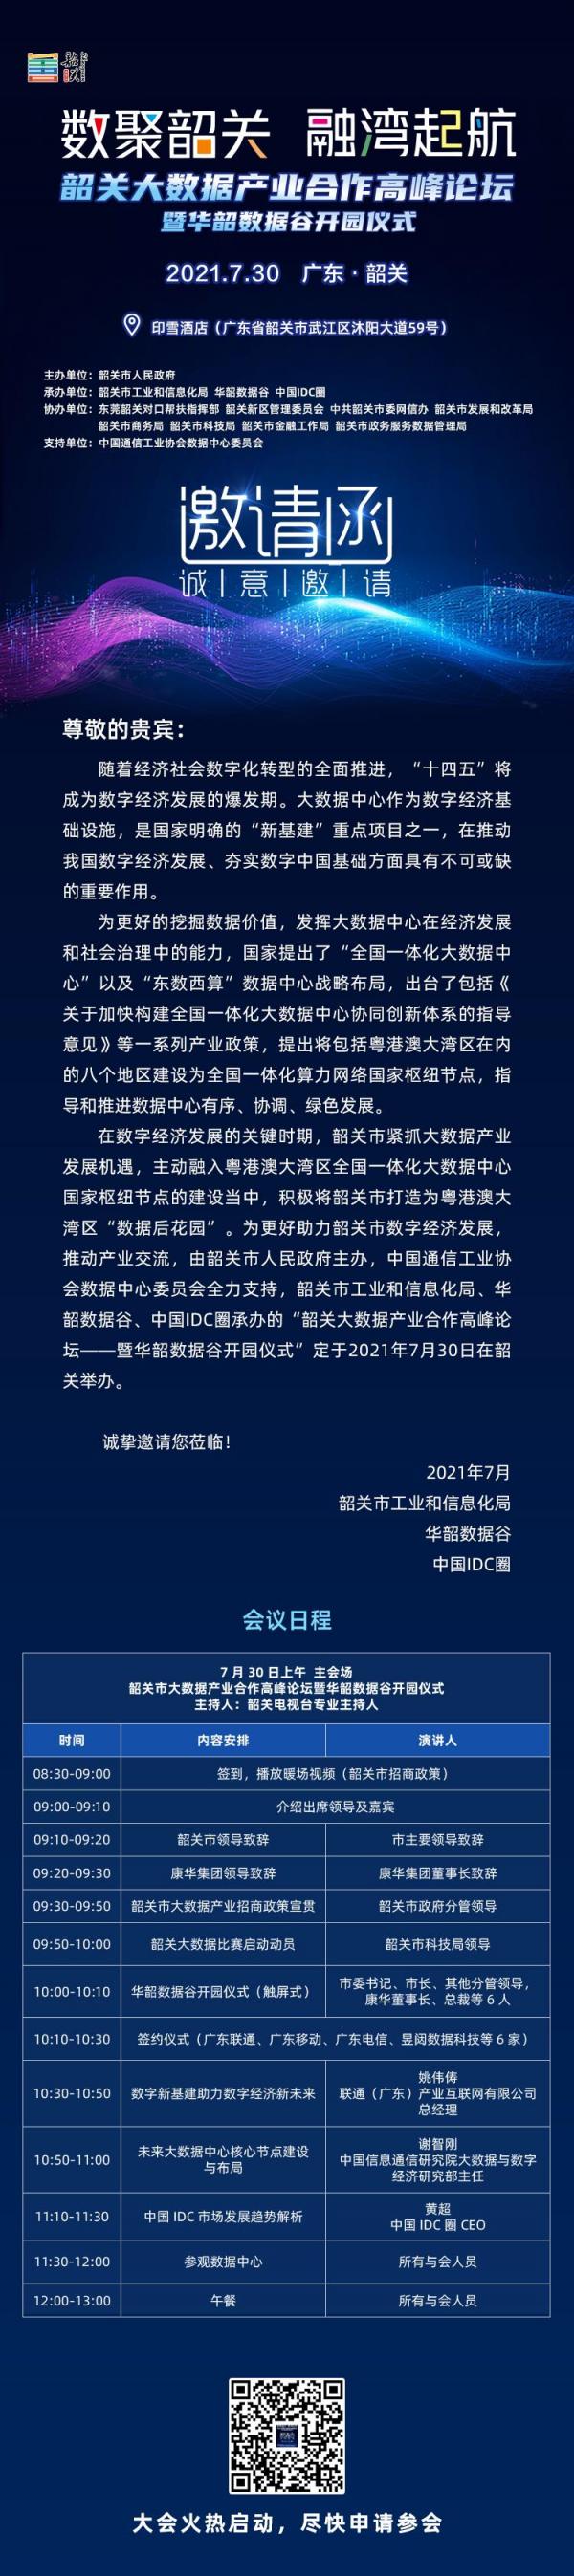 华韶数据谷邀请函长图